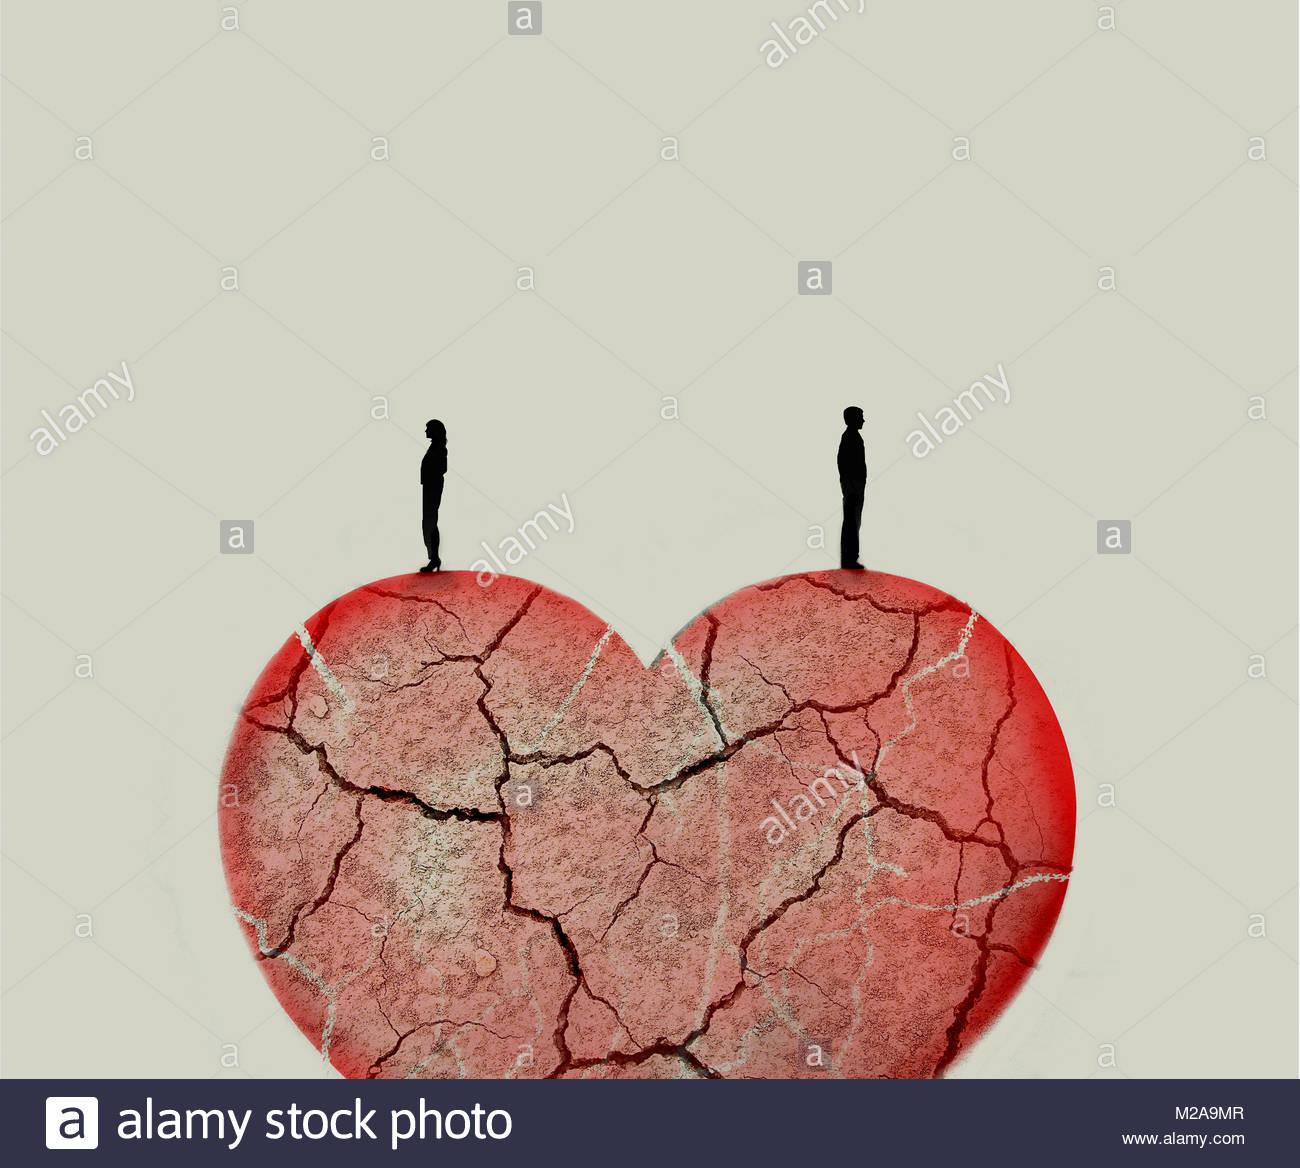 Paar auf gebrochenes Herz Stockbild